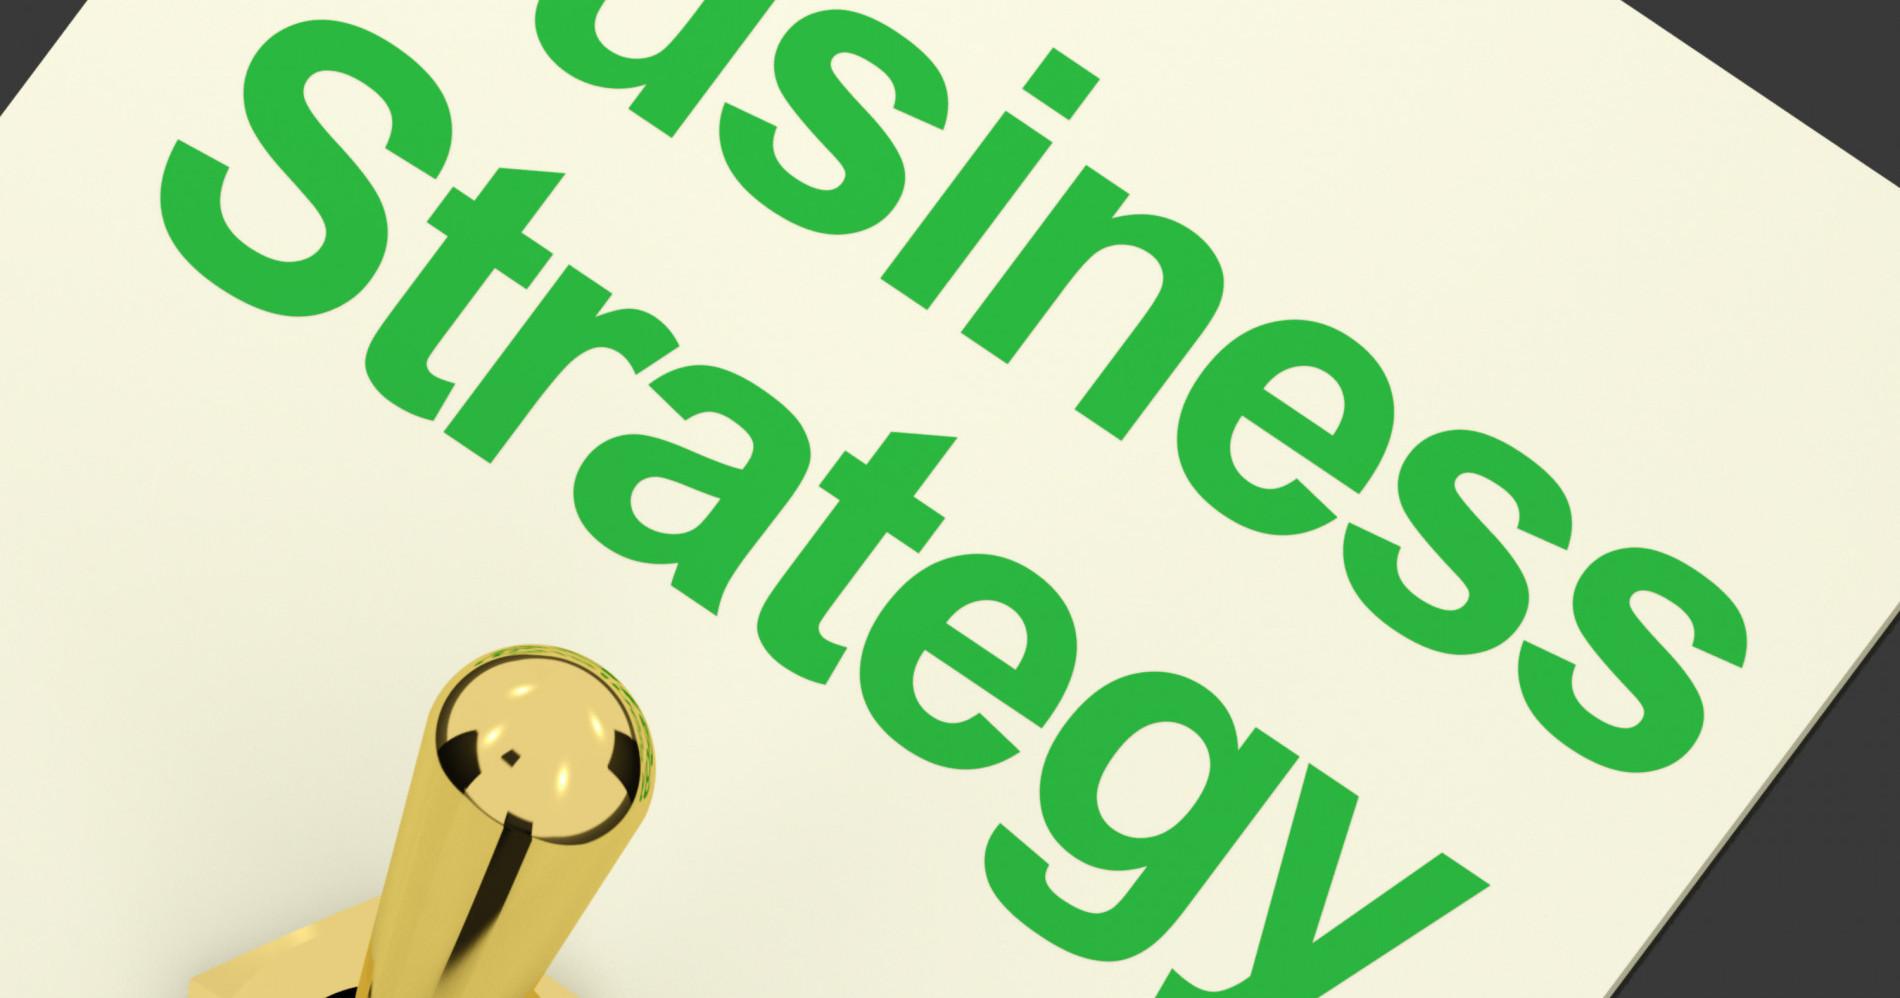 Ilustrasi gambar strategi bisnis (Sumber gambar : Storyblocks)